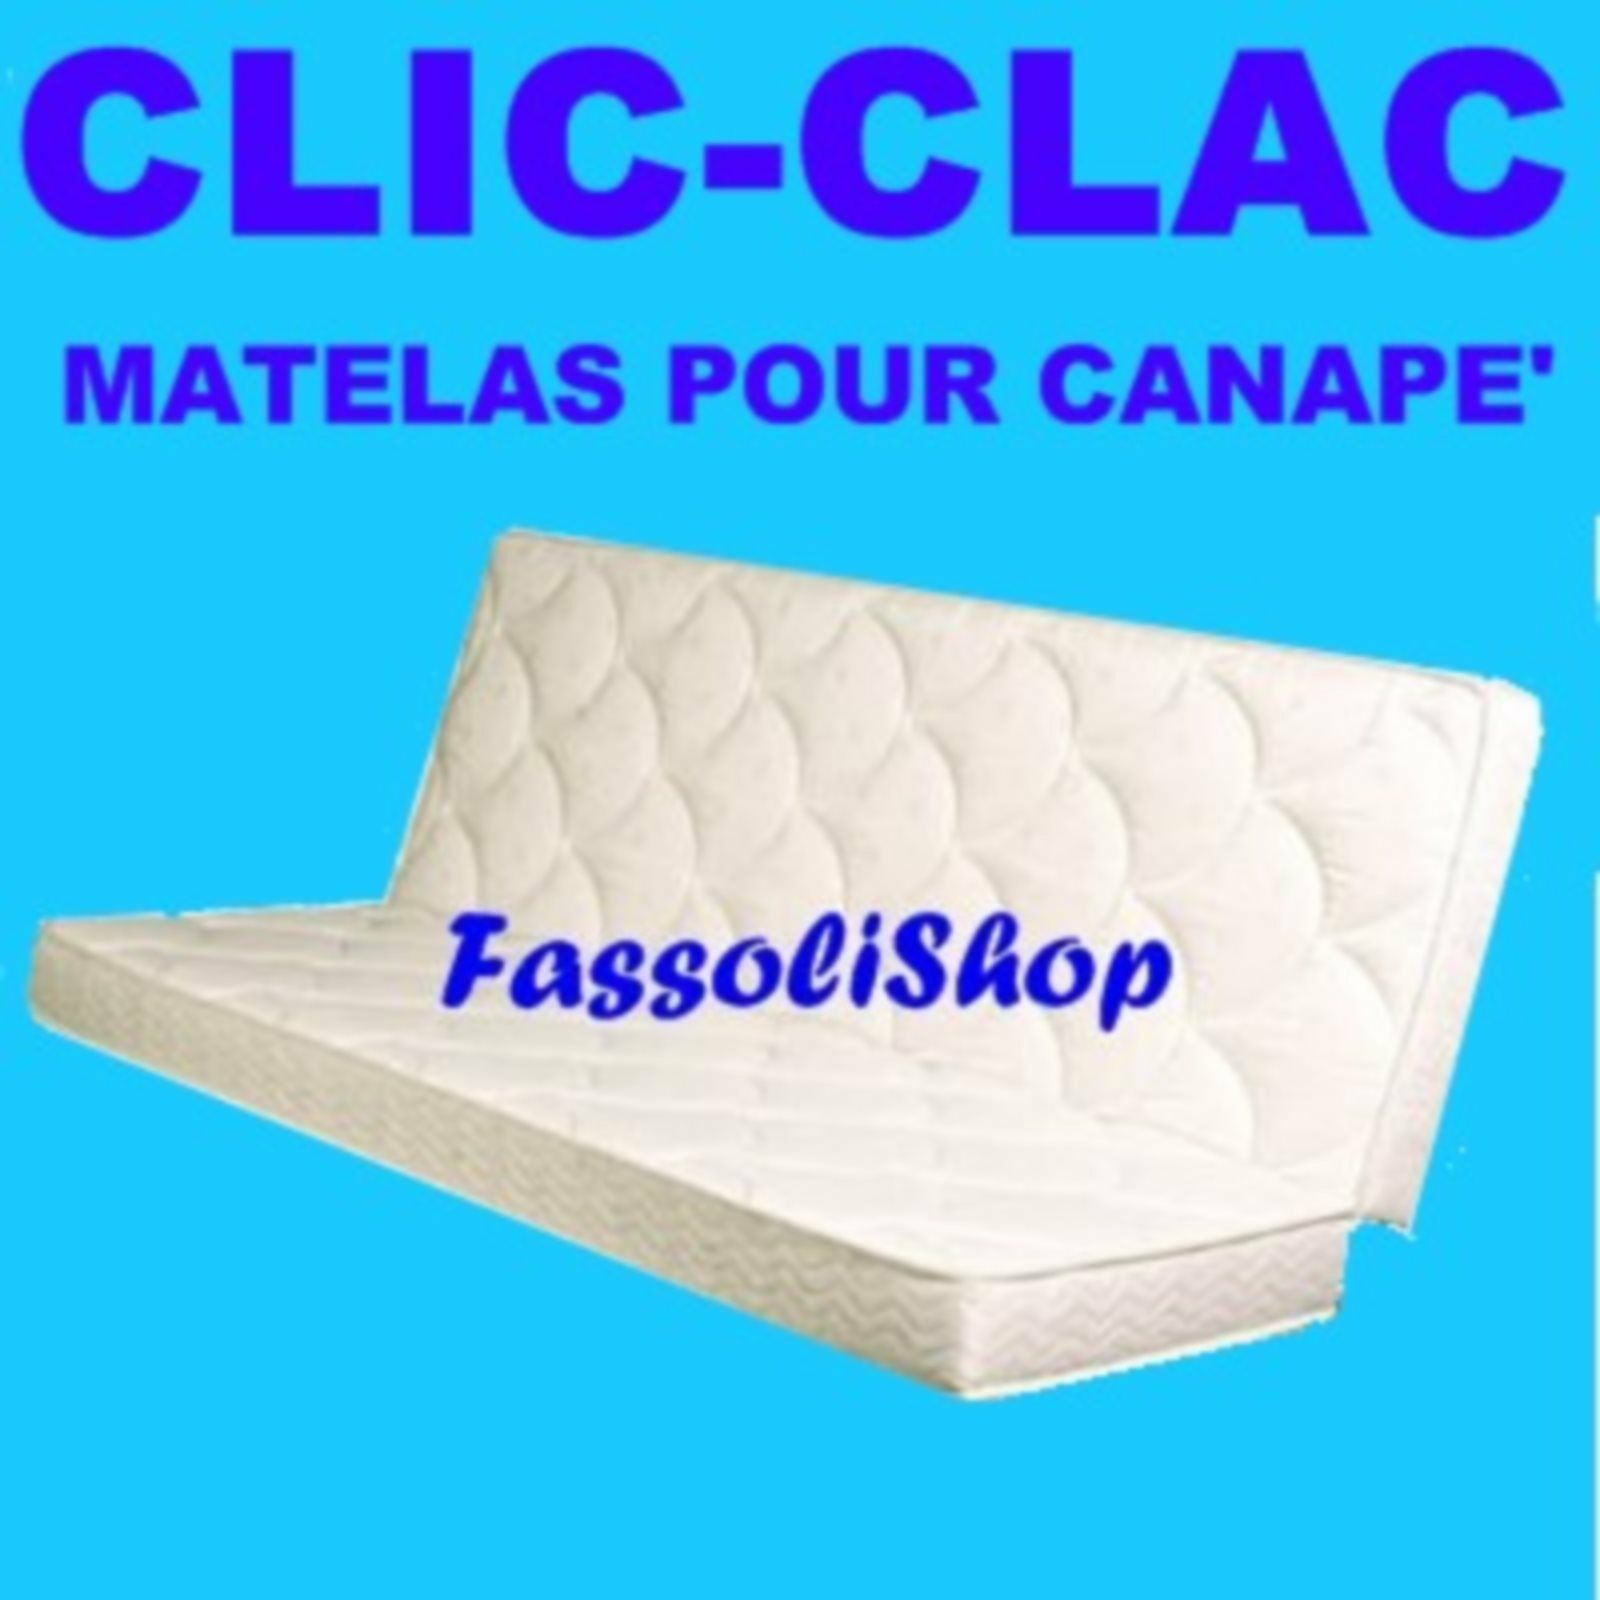 MATELAS POUR CANAPE' CLIC-CLAC  CM 60+80x190 PLUS 18